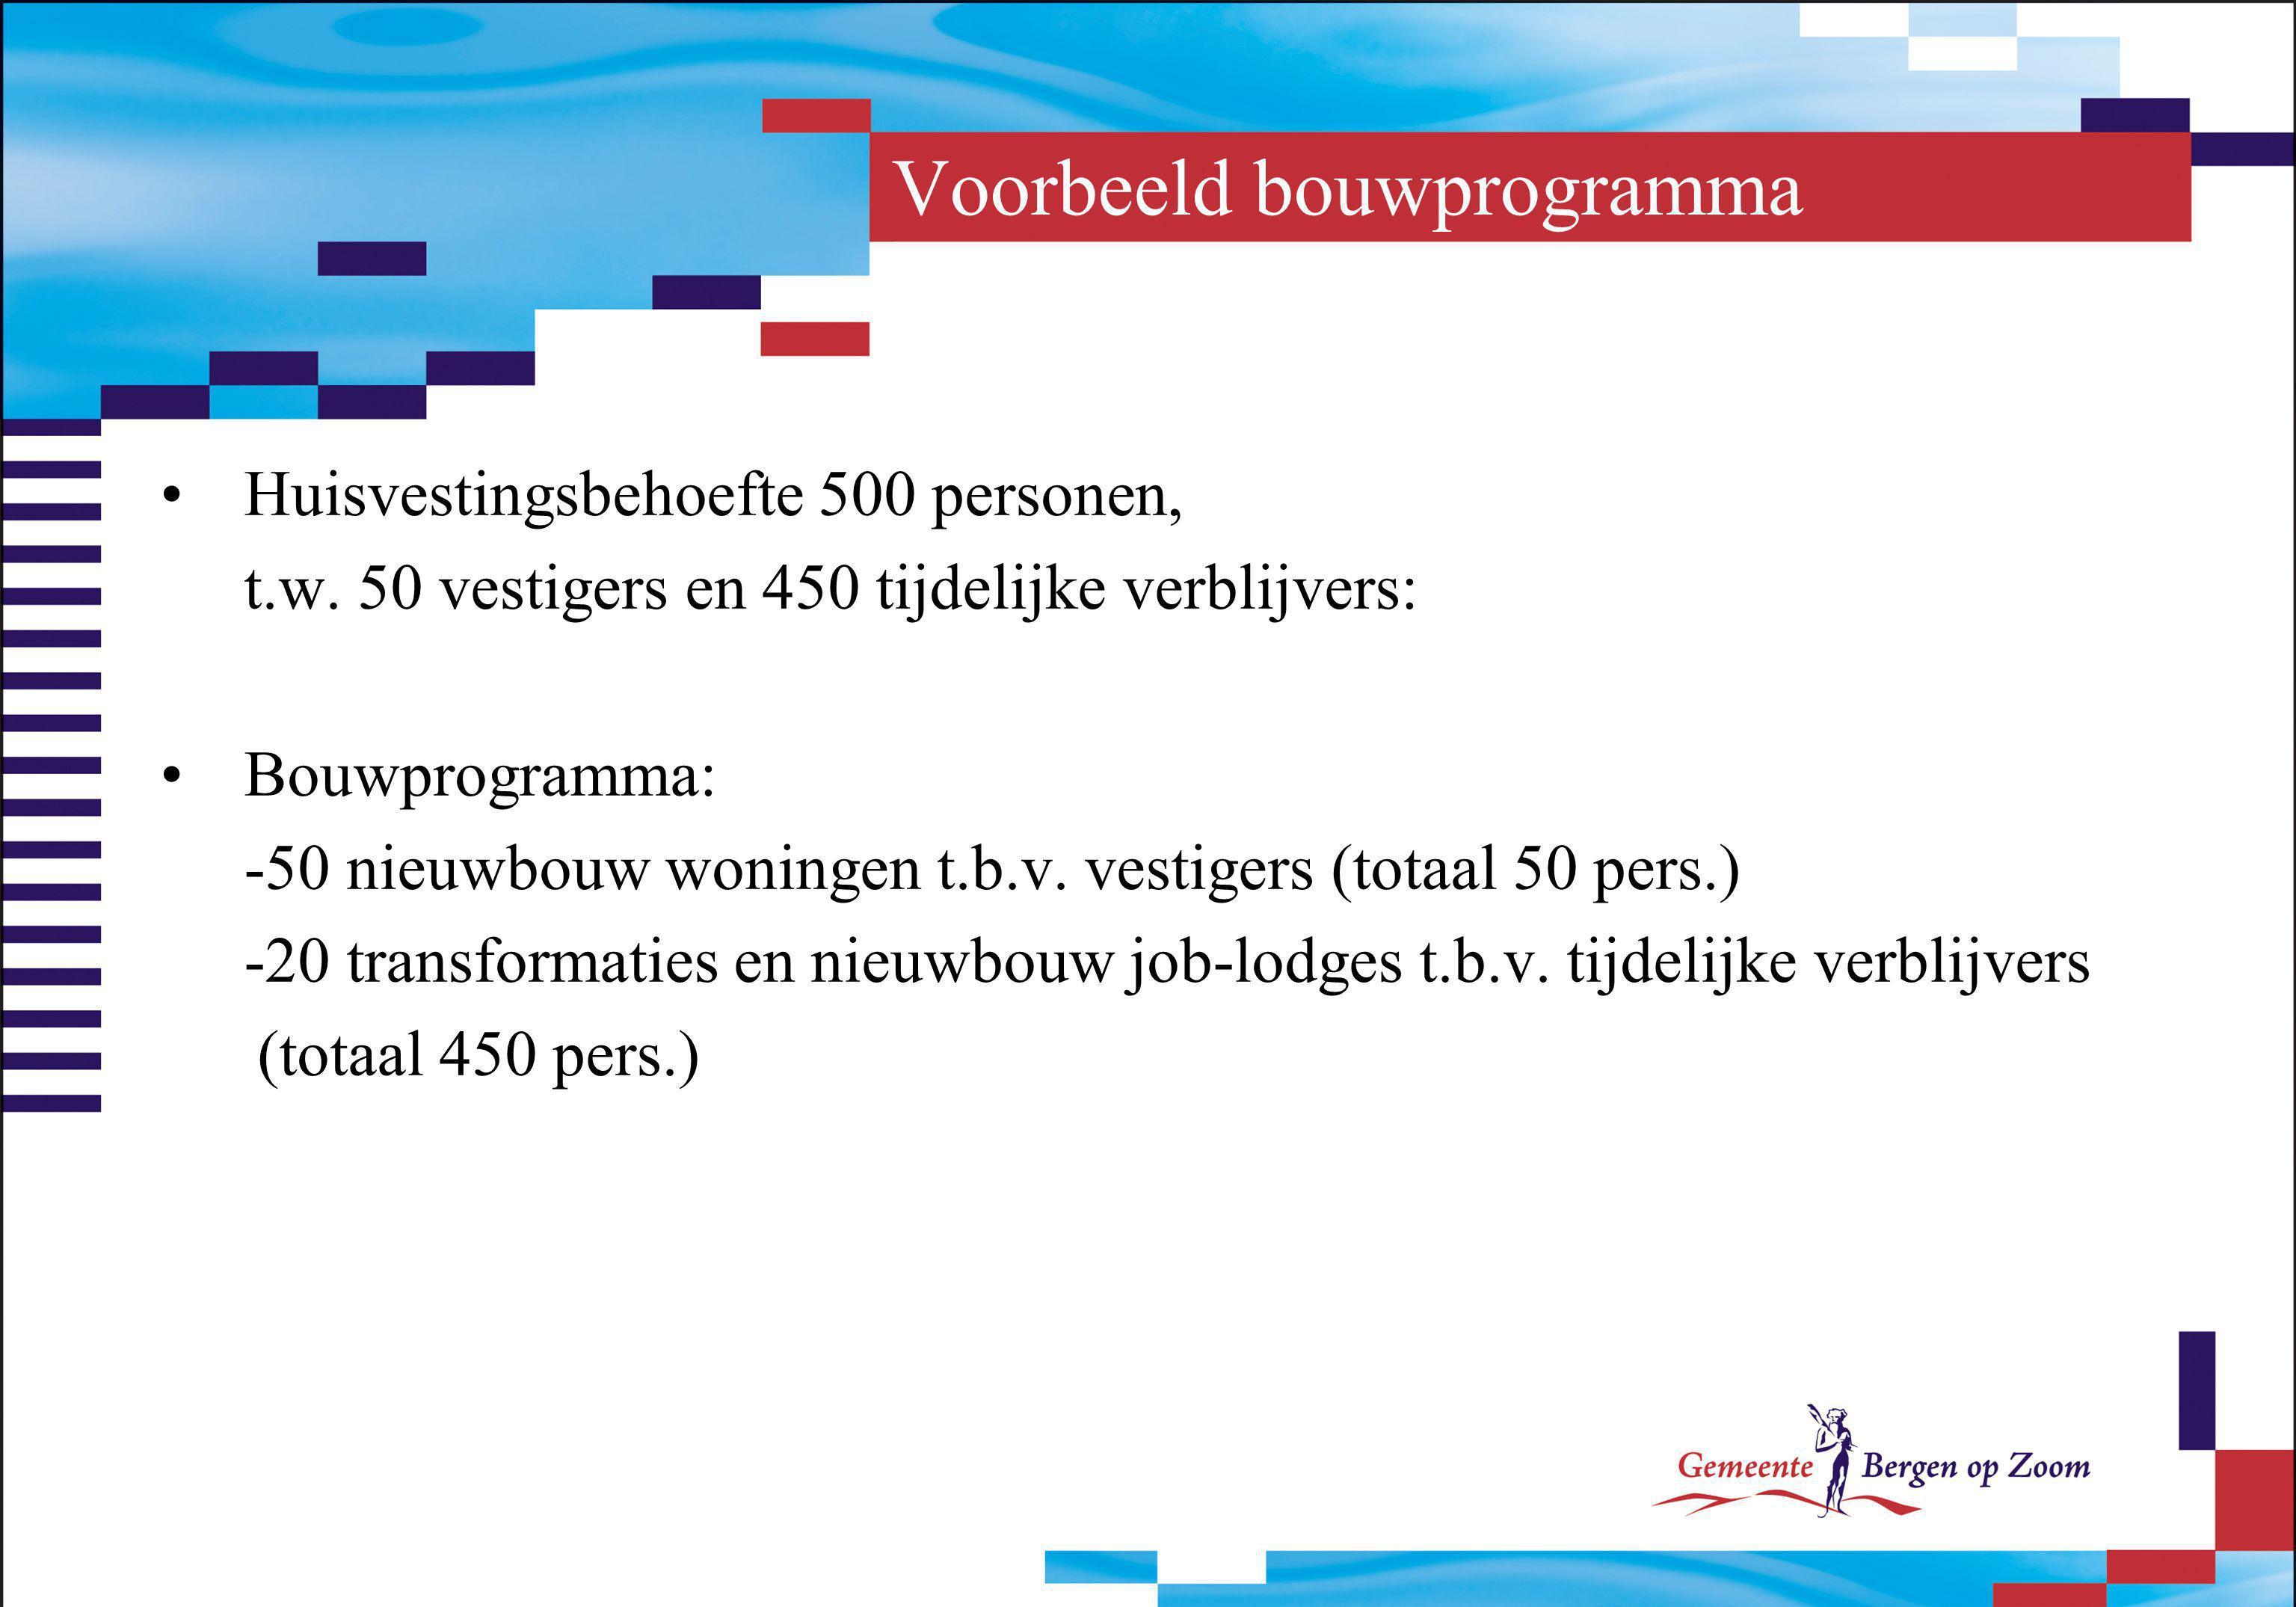 Voorbeeld bouwprogramma Huisvestingsbehoefte 500 personen, t.w. 50 vestigers en 450 tijdelijke verblijvers: Bouwprogramma: -50 nieuwbouw woningen t.b.